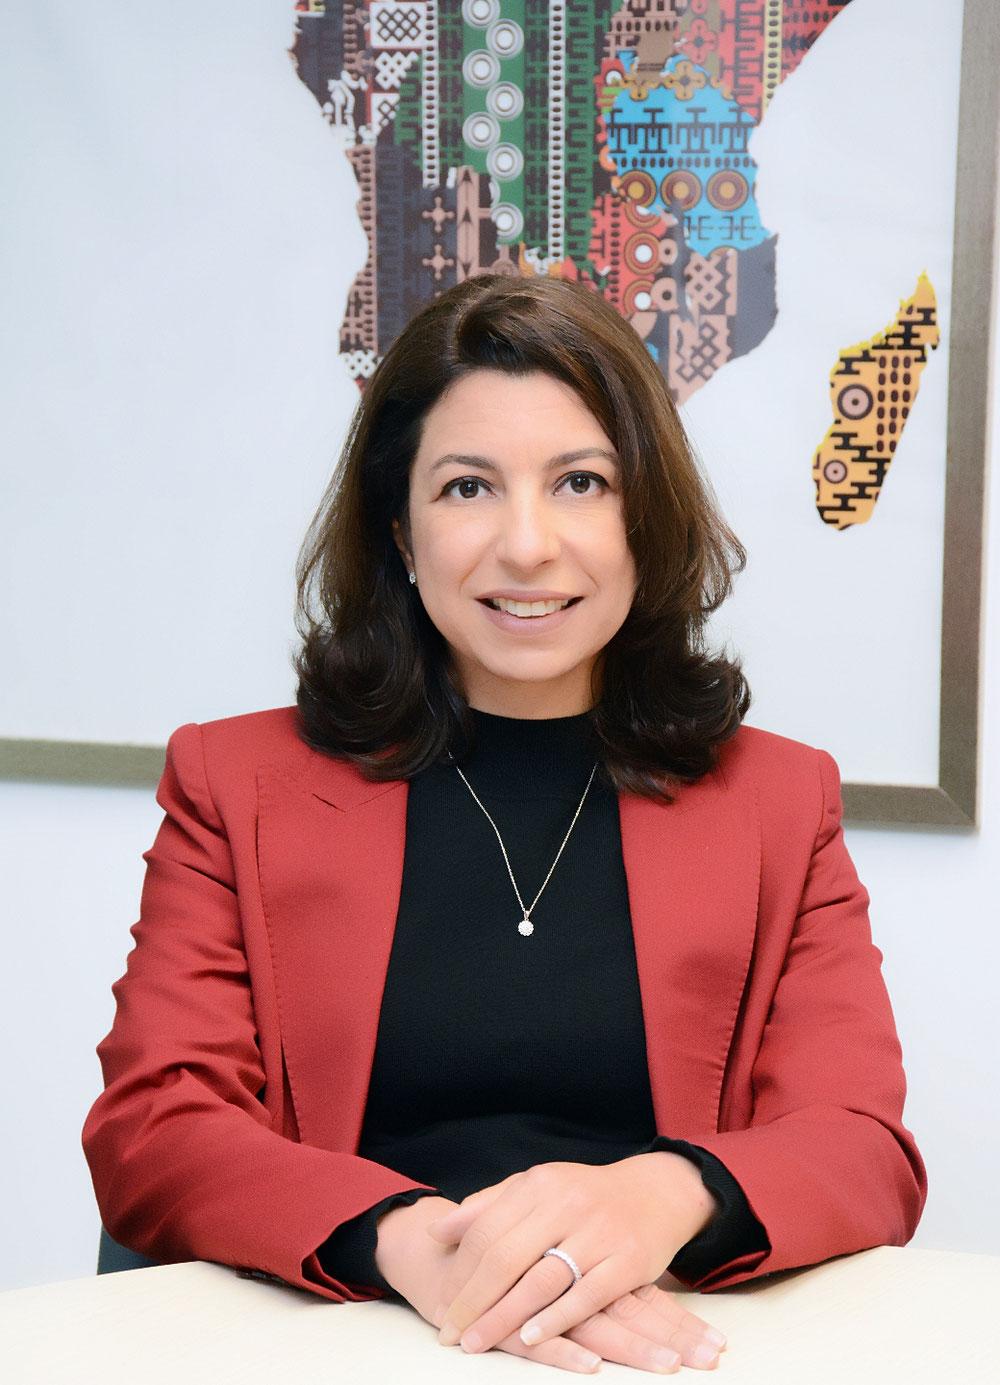 بقلم : نورا وهبي نائب الرئيس ورئيسة إريكسون غرب أفريقيا والمغرب